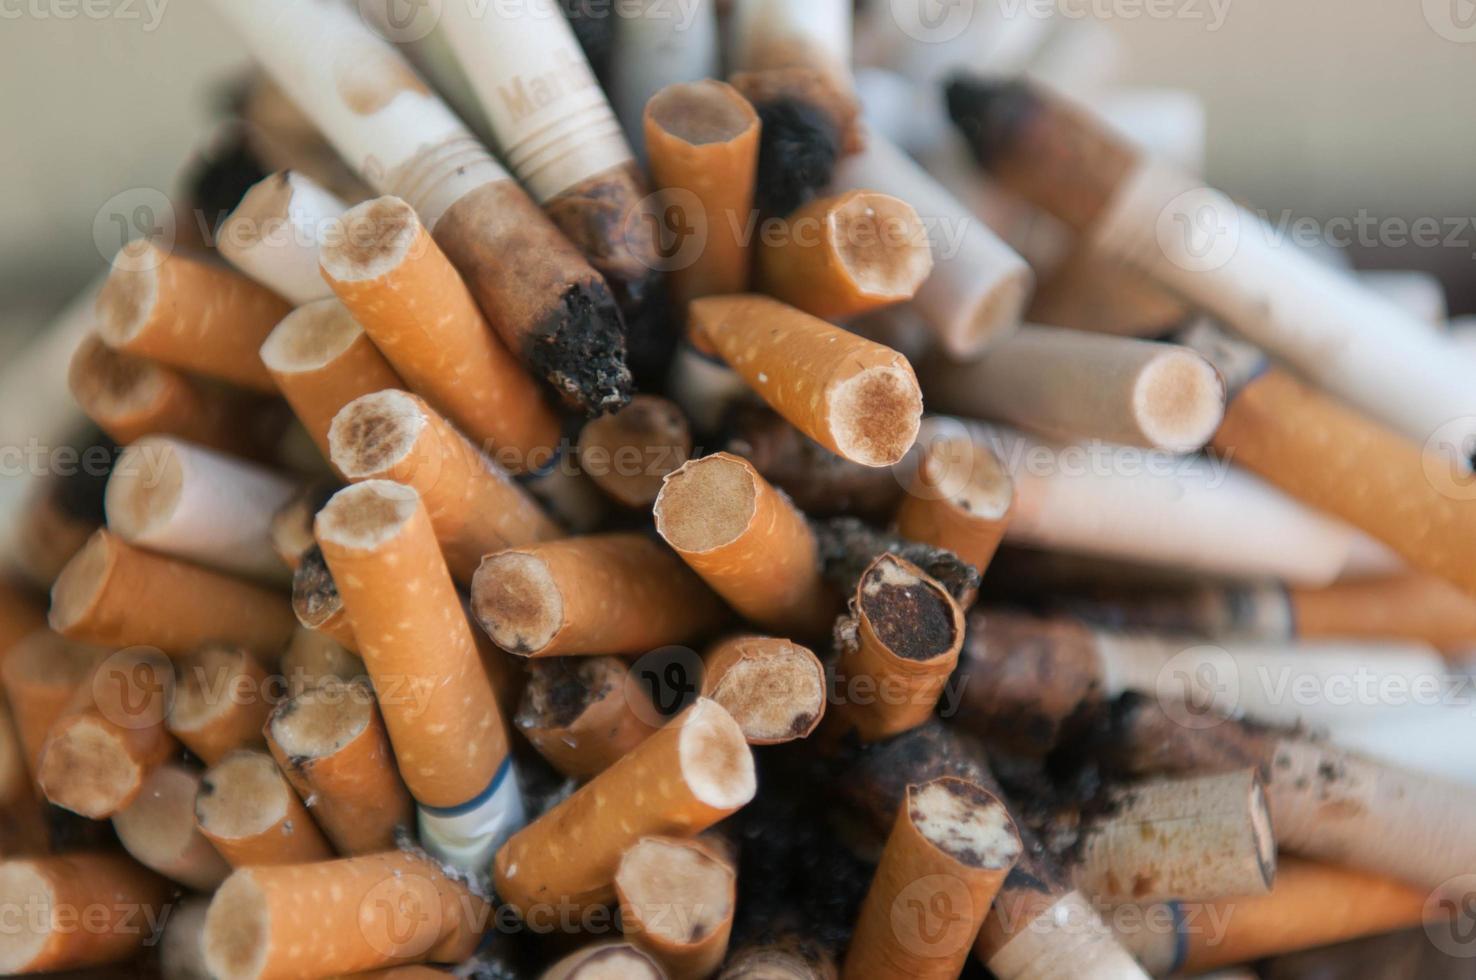 närbild av cigaretter foto